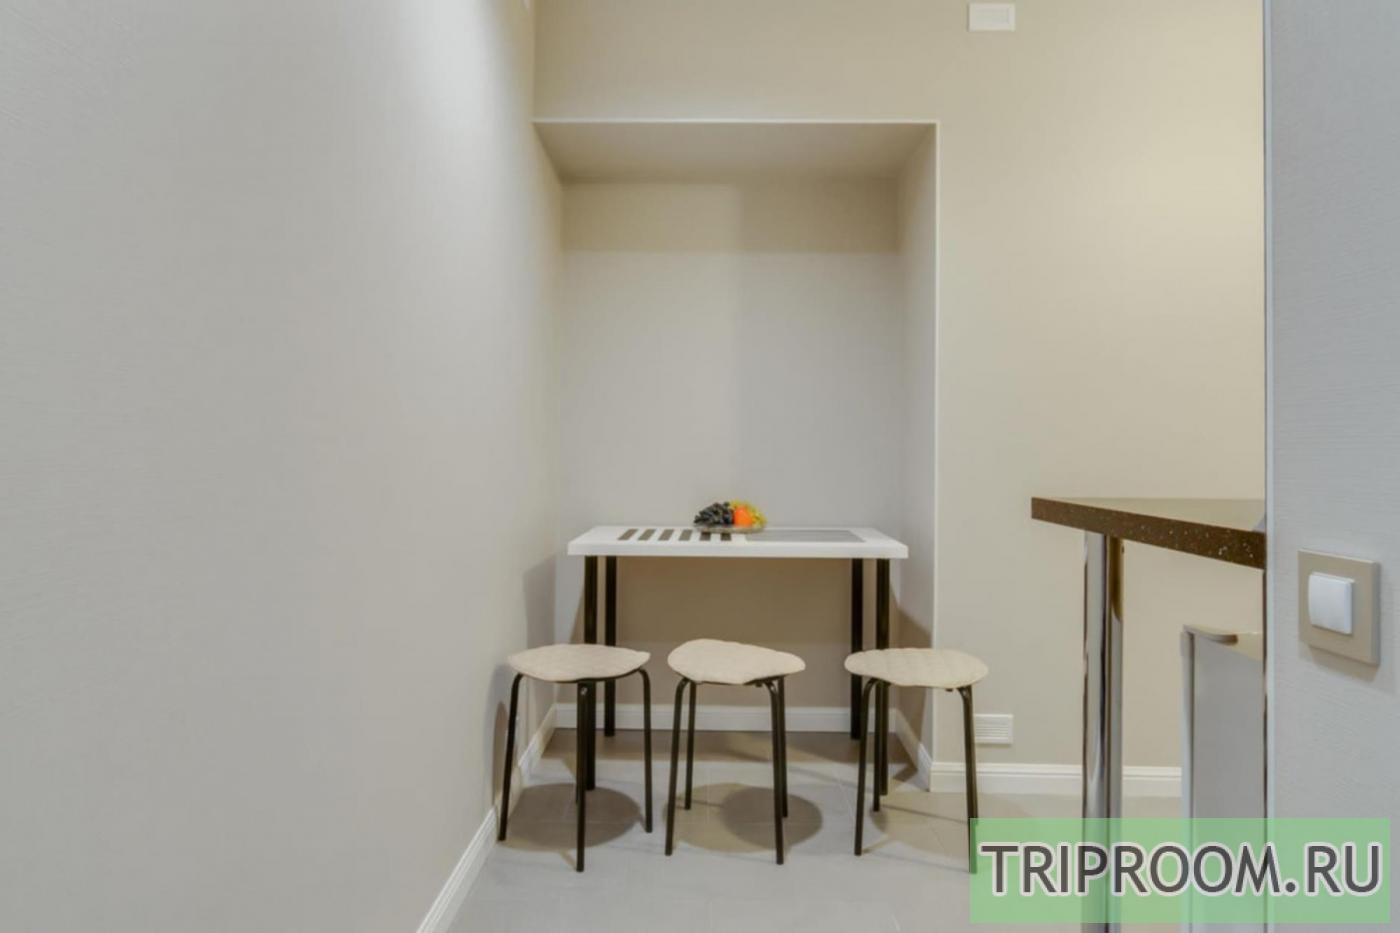 1-комнатная квартира посуточно (вариант № 33134), ул. Большая Садовая ул, фото № 8